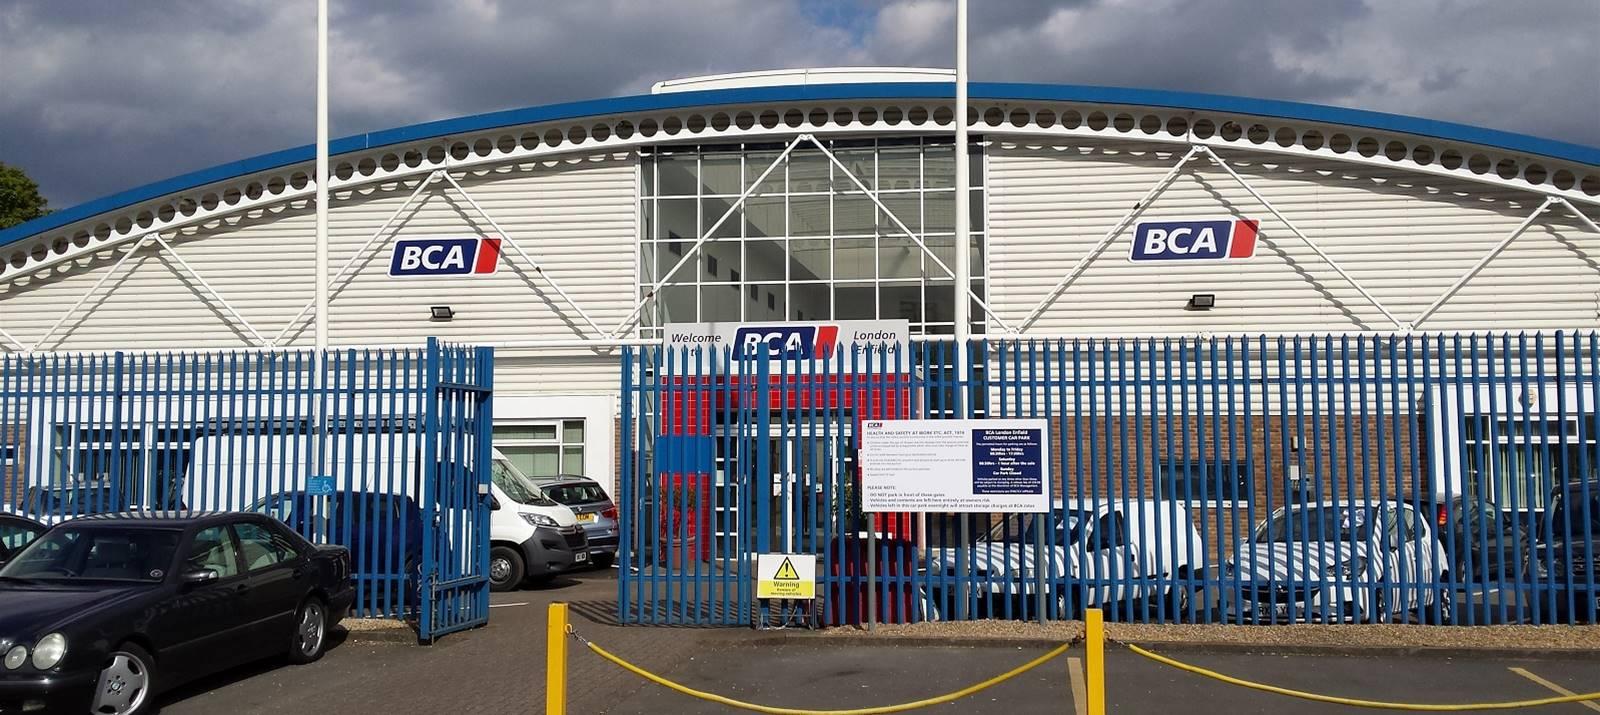 External entrance signs at BCA London